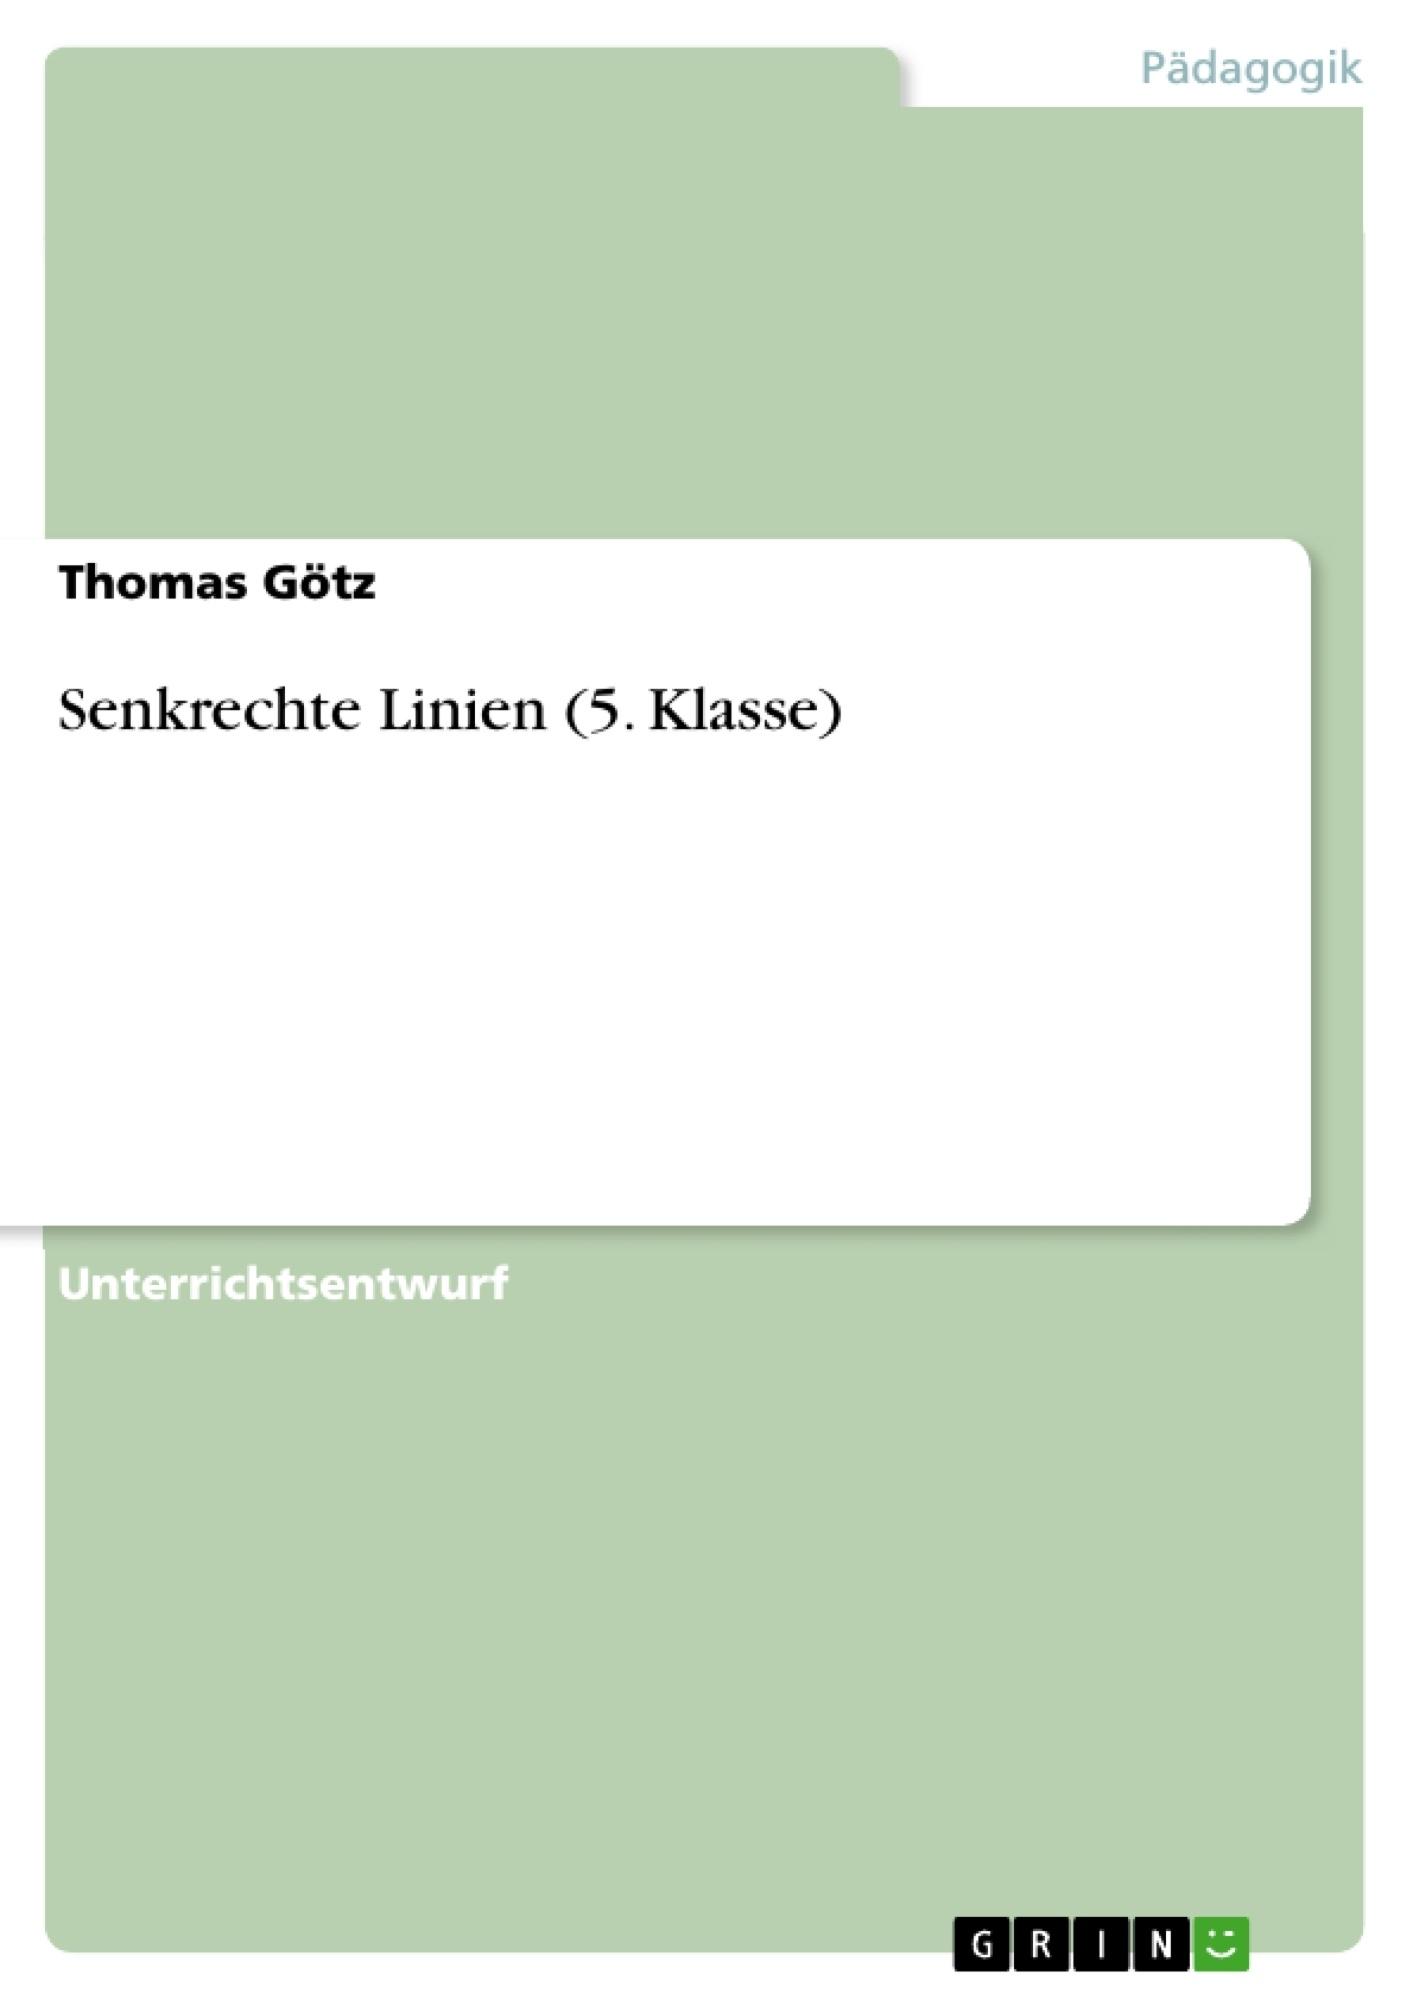 Titel: Senkrechte Linien (5. Klasse)